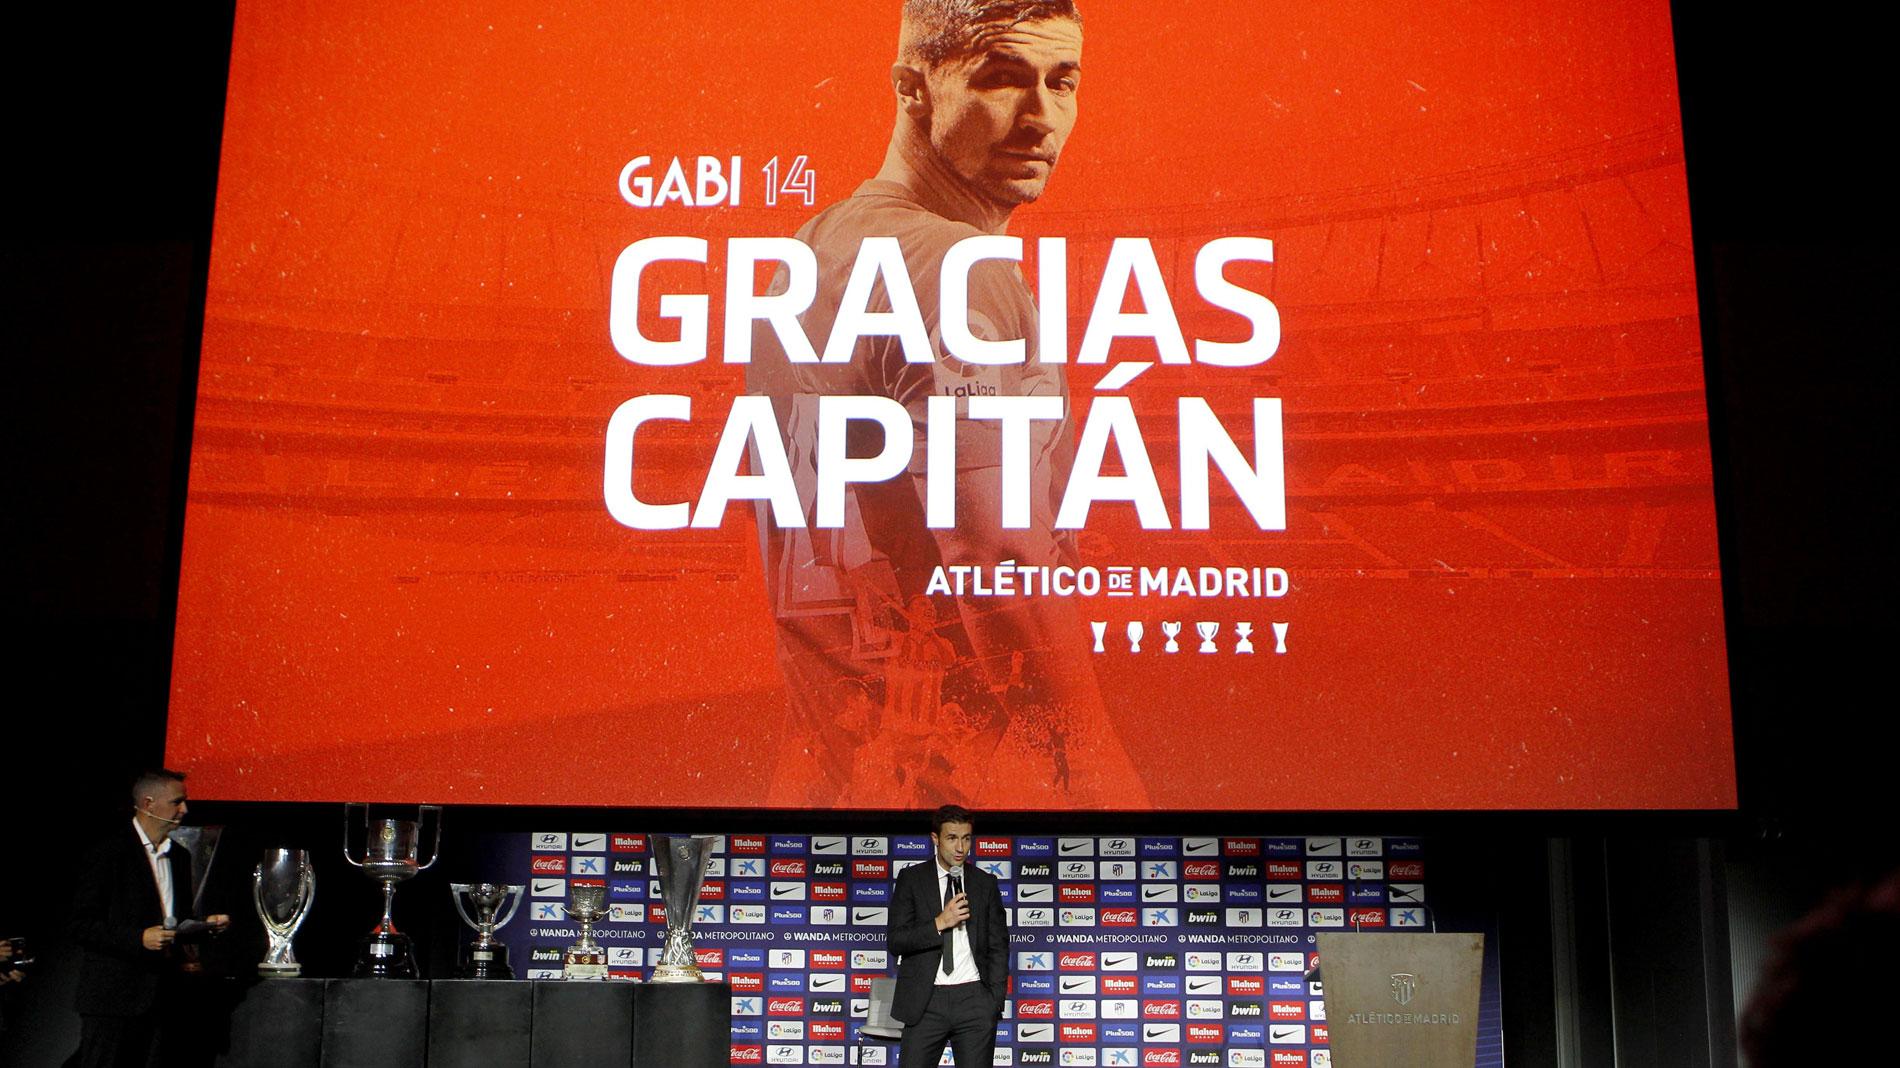 """Ir al VideoGabi se despide del Atlético: """"Voy a estar siempre agradecido a este club, que es una manera de vivir"""""""